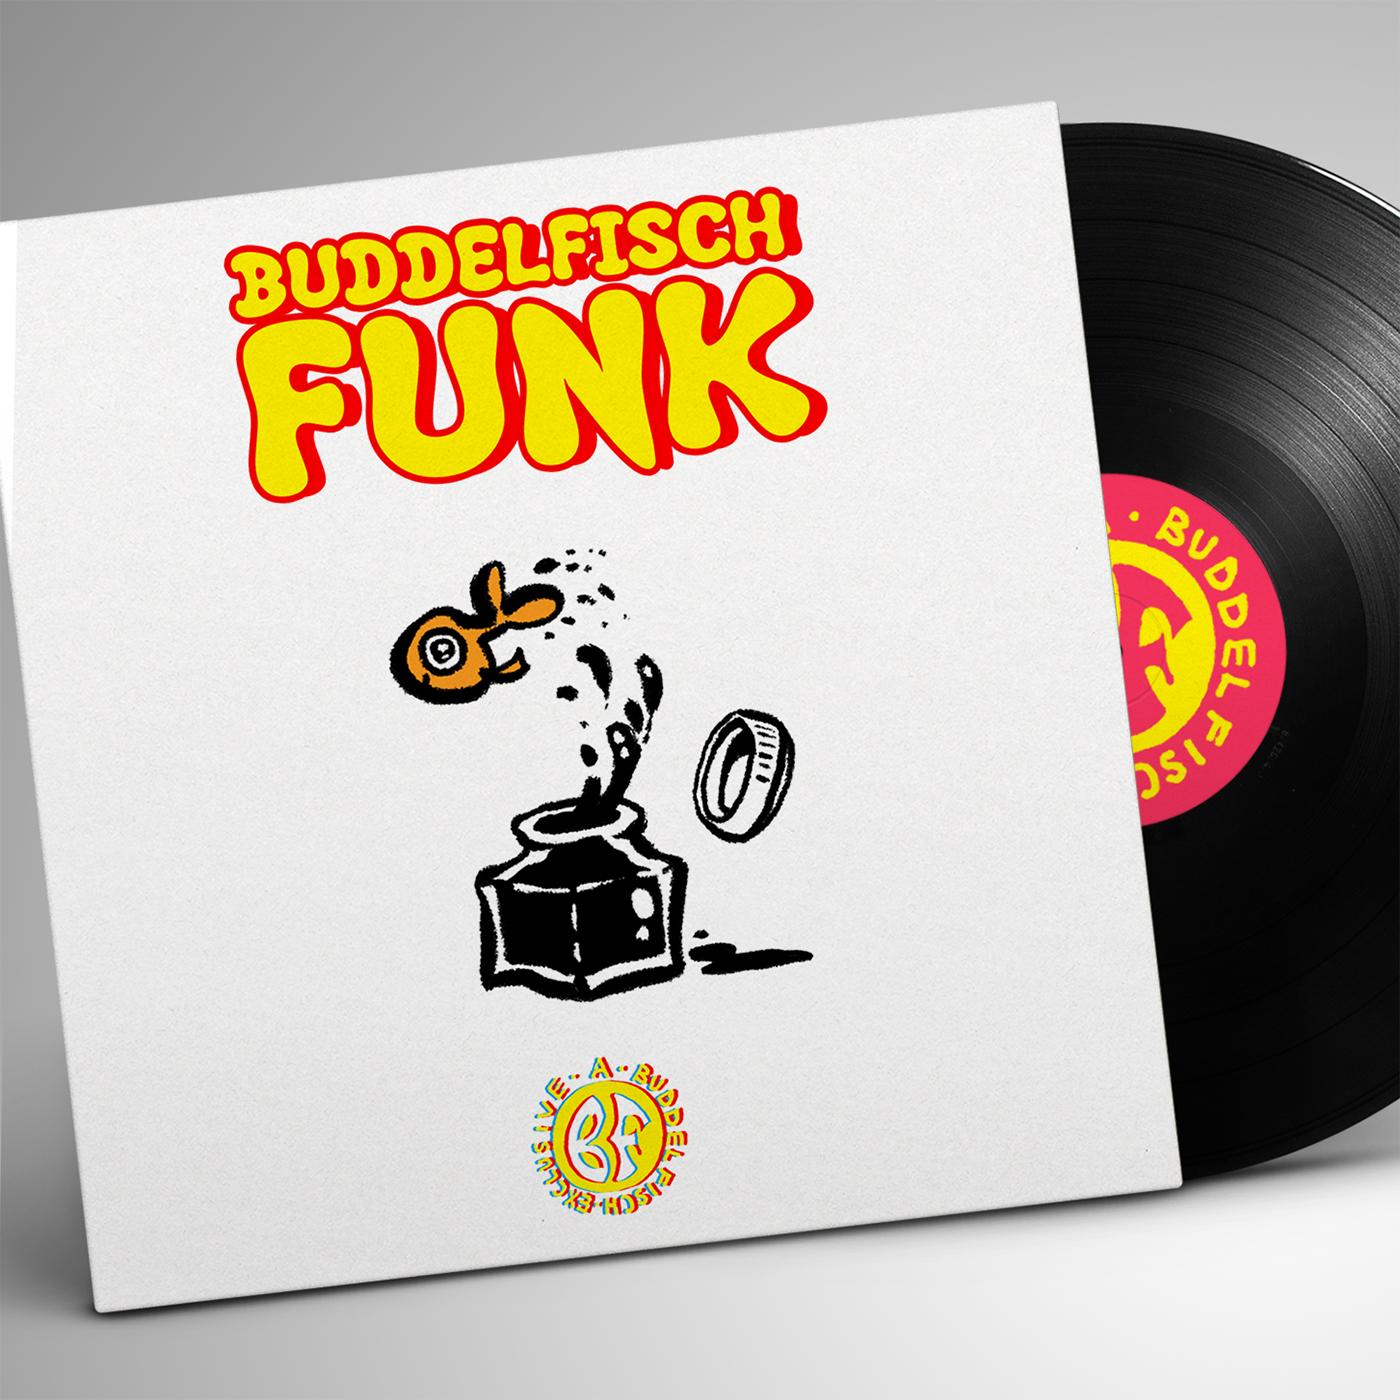 Buddelfisch Funk – Der Buddelfisch